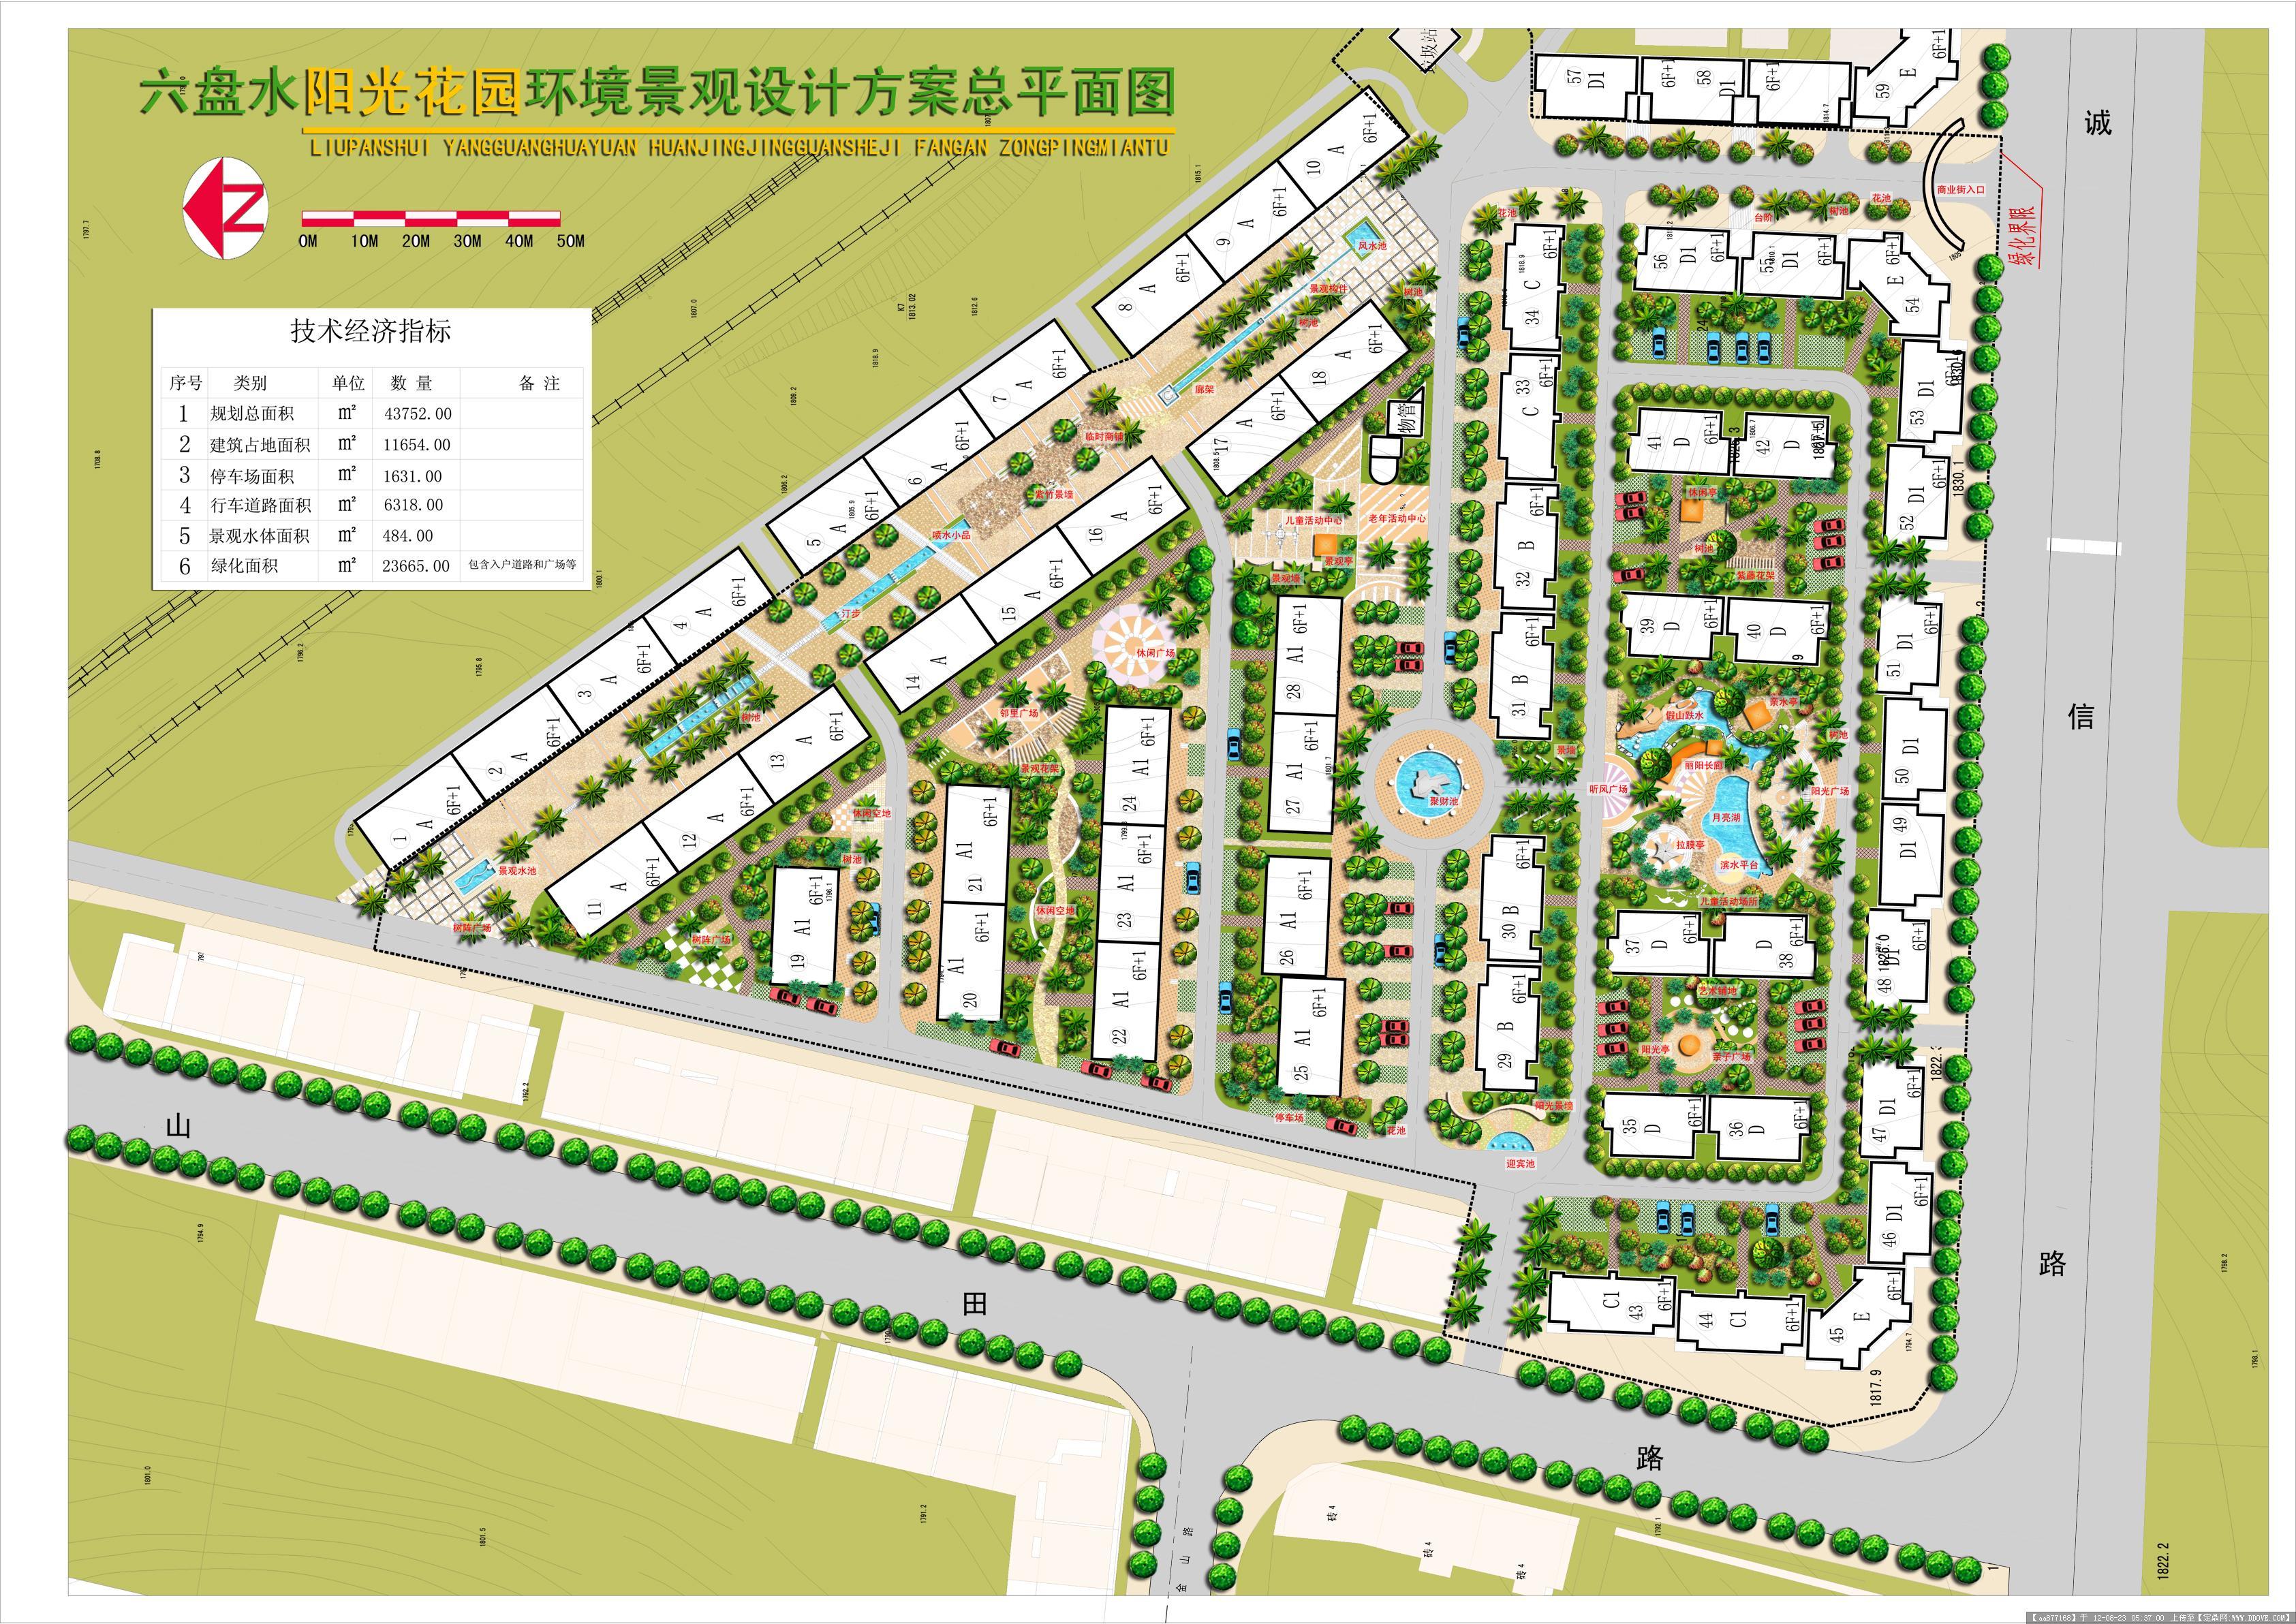 平面图-六盘水阳光花园环境景观设计方案总平面图